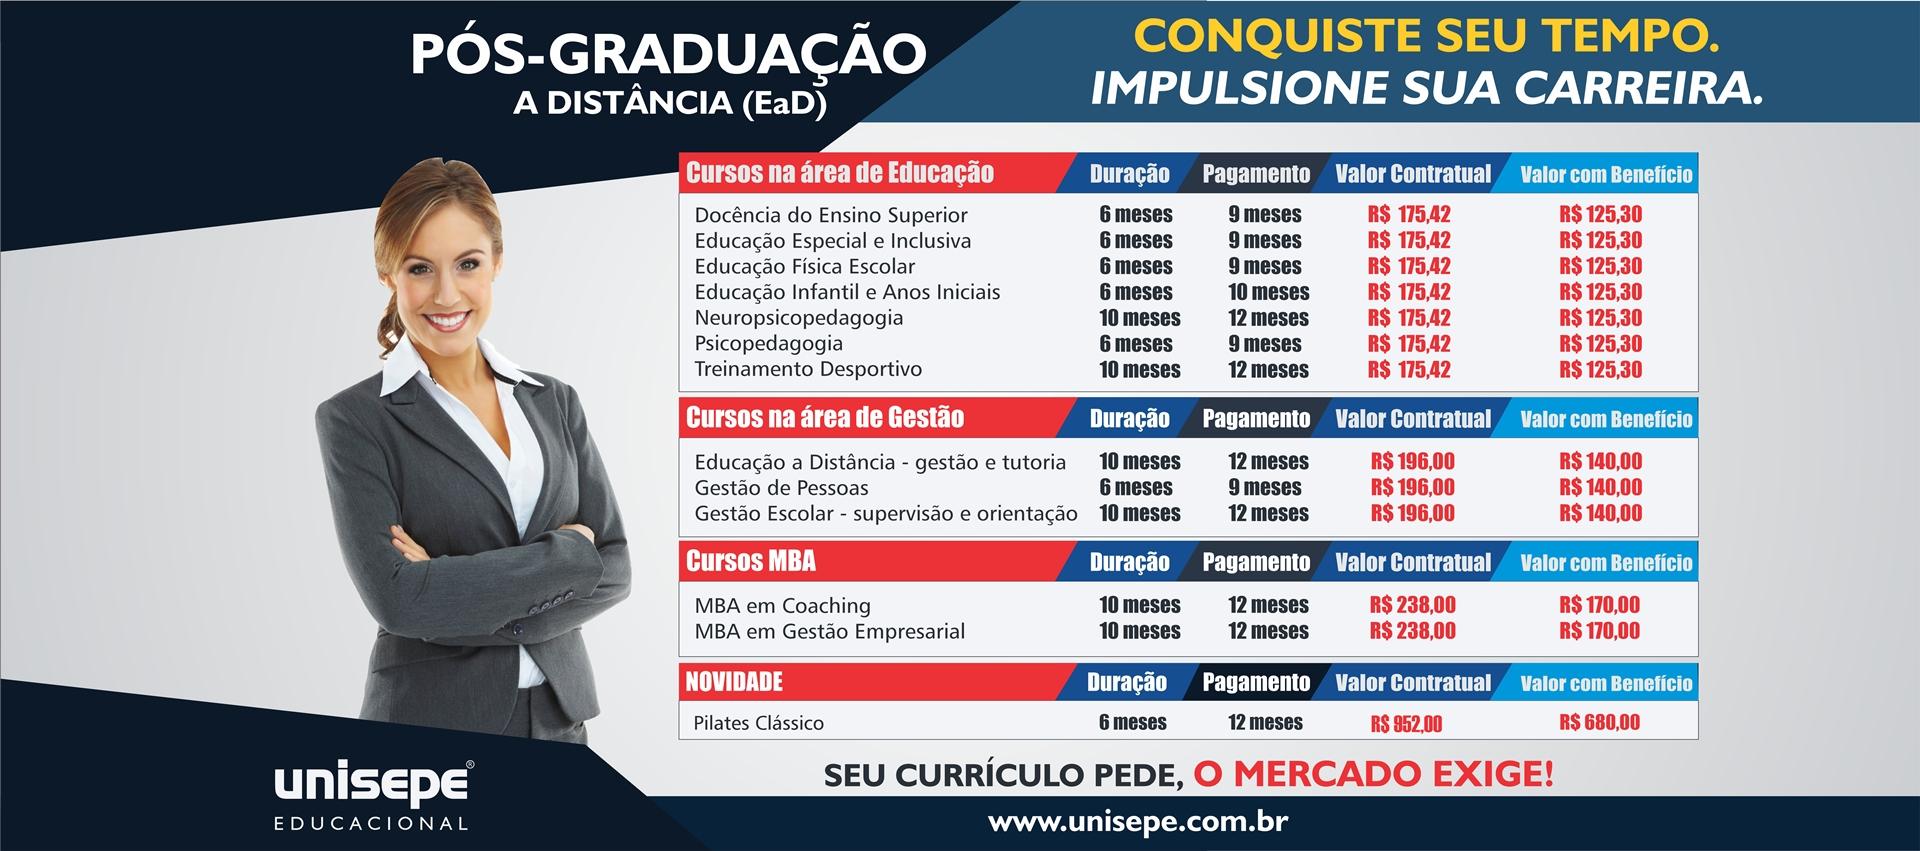 Pós graduação EAD - Graduação digital | UNISEPE